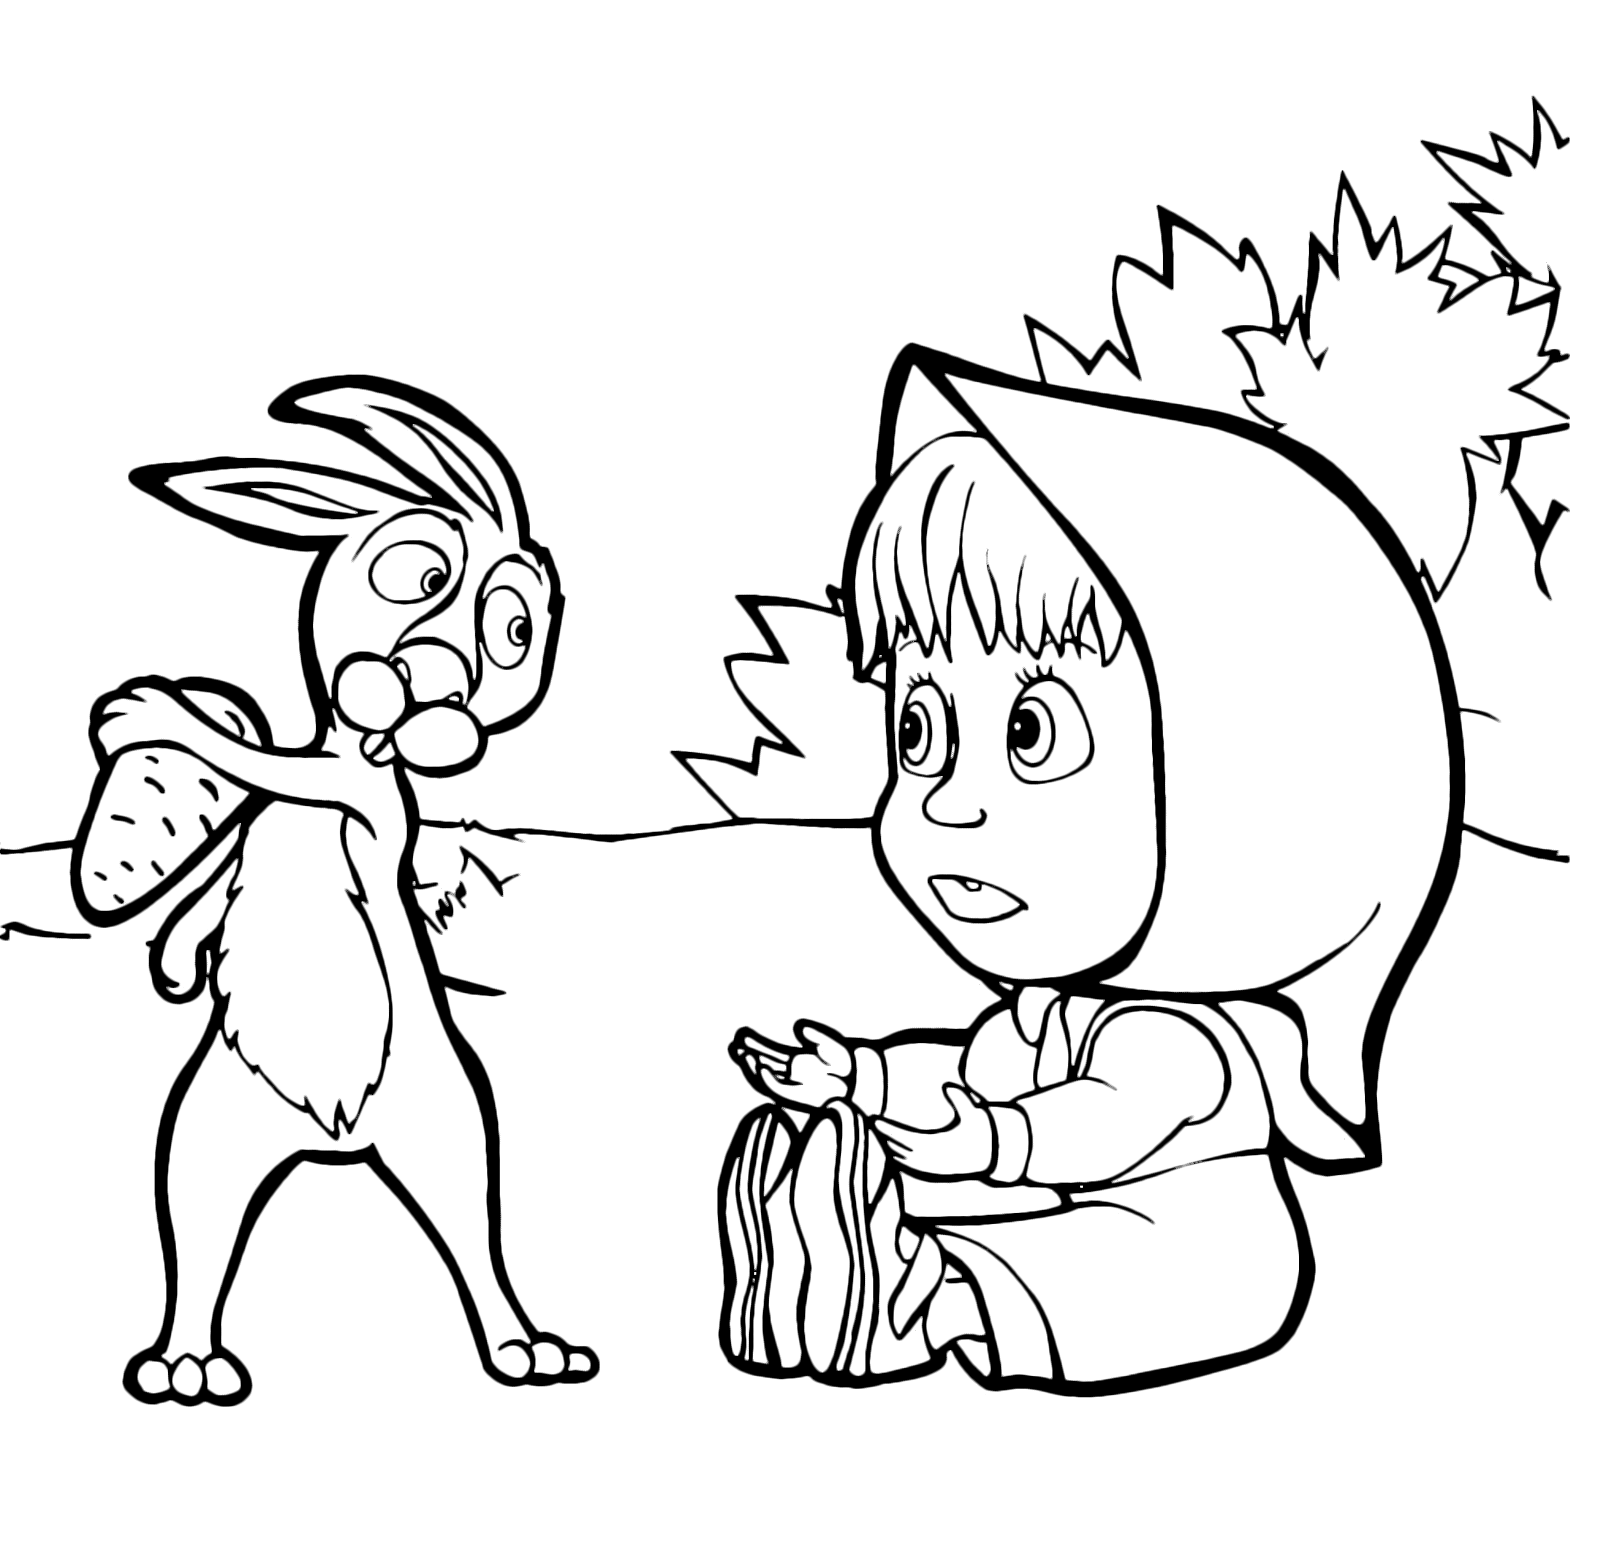 Masha e orso coniglio non vuole dare a masha la carota for Masha e orso stampa e colora